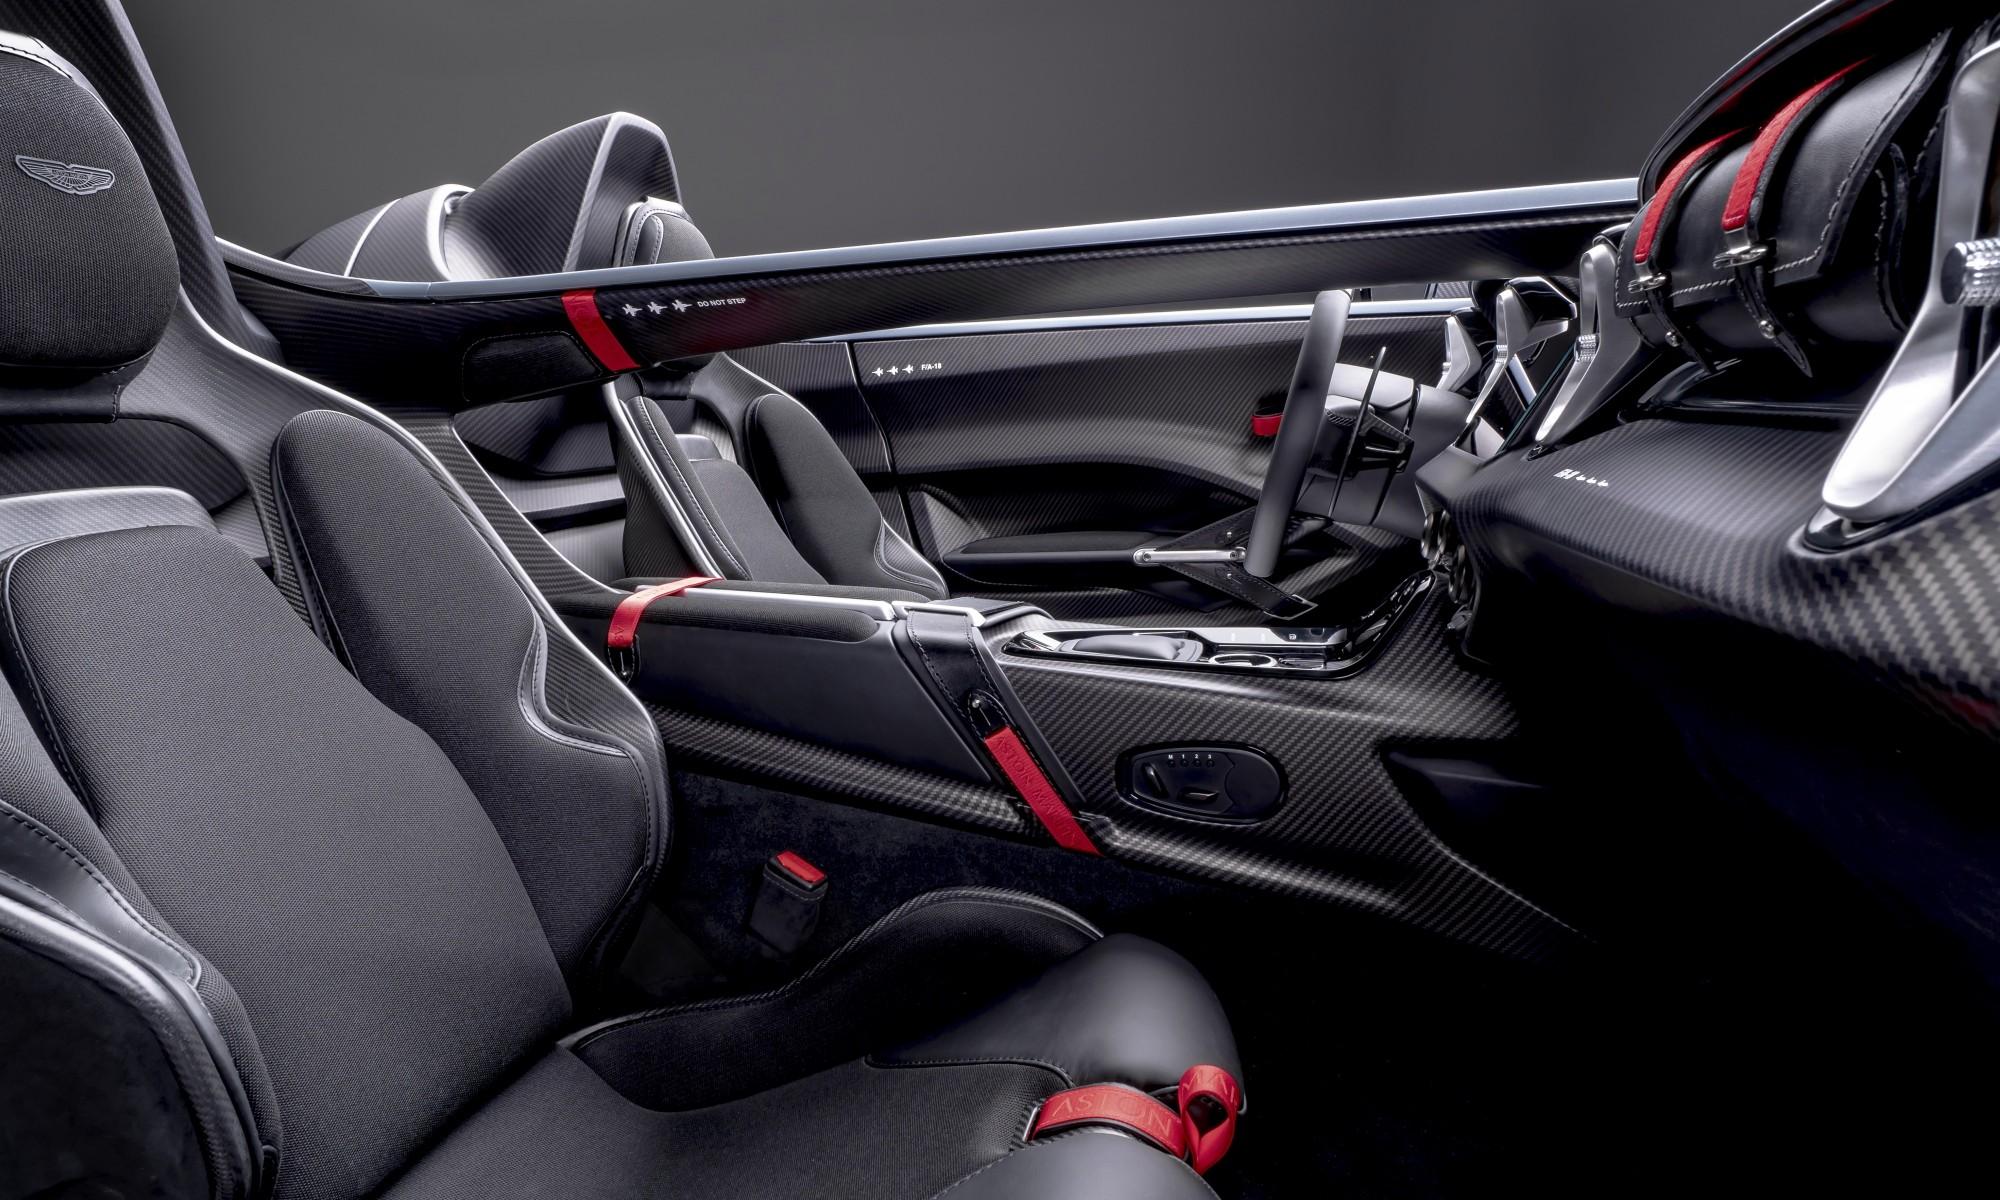 Aston Martin V12 Speedster cockpit